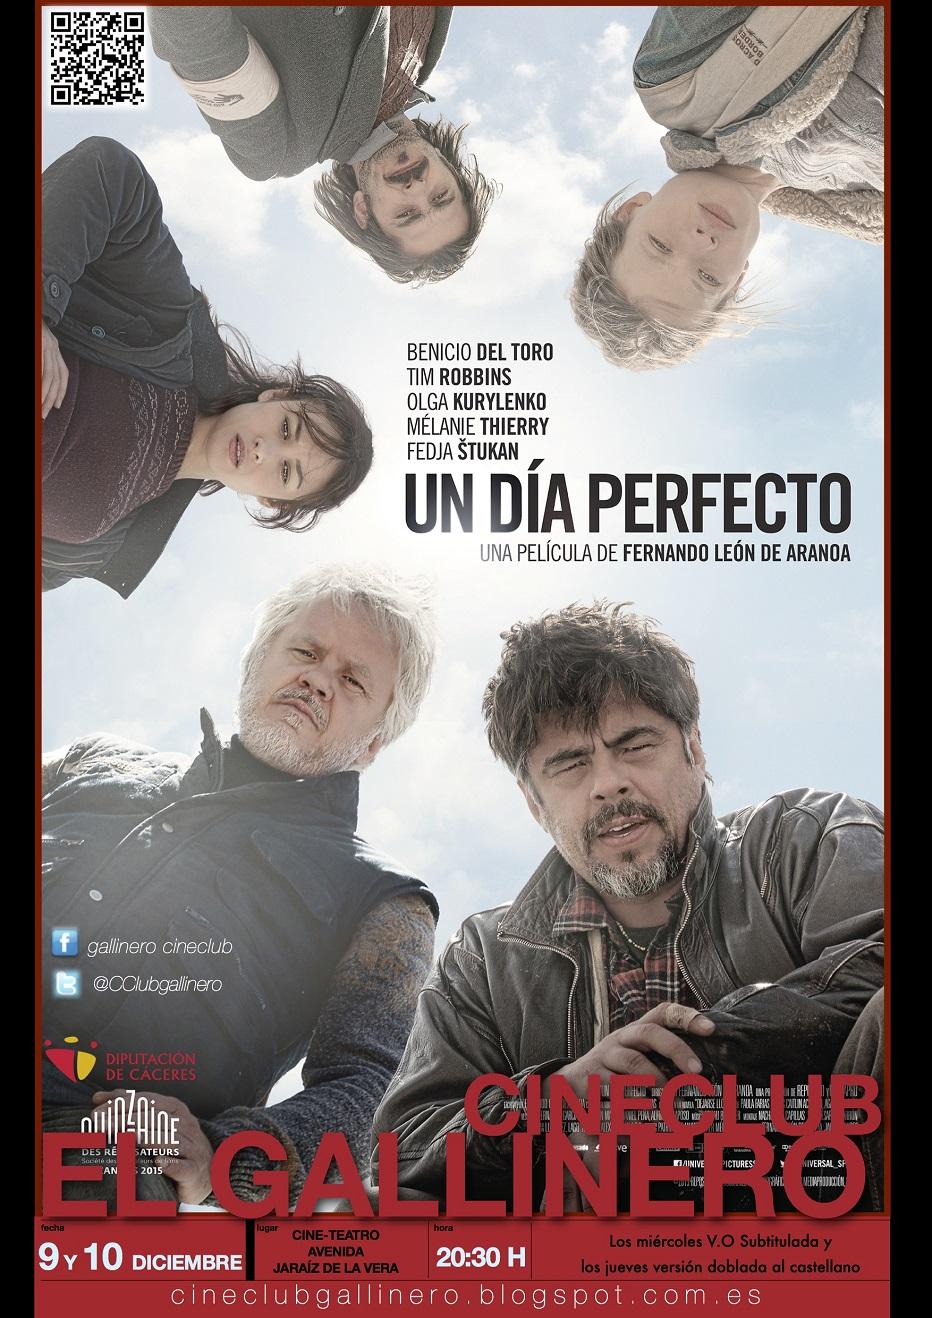 Cineclub El Gallinero | Un Día Perfecto (A Perfect Day)